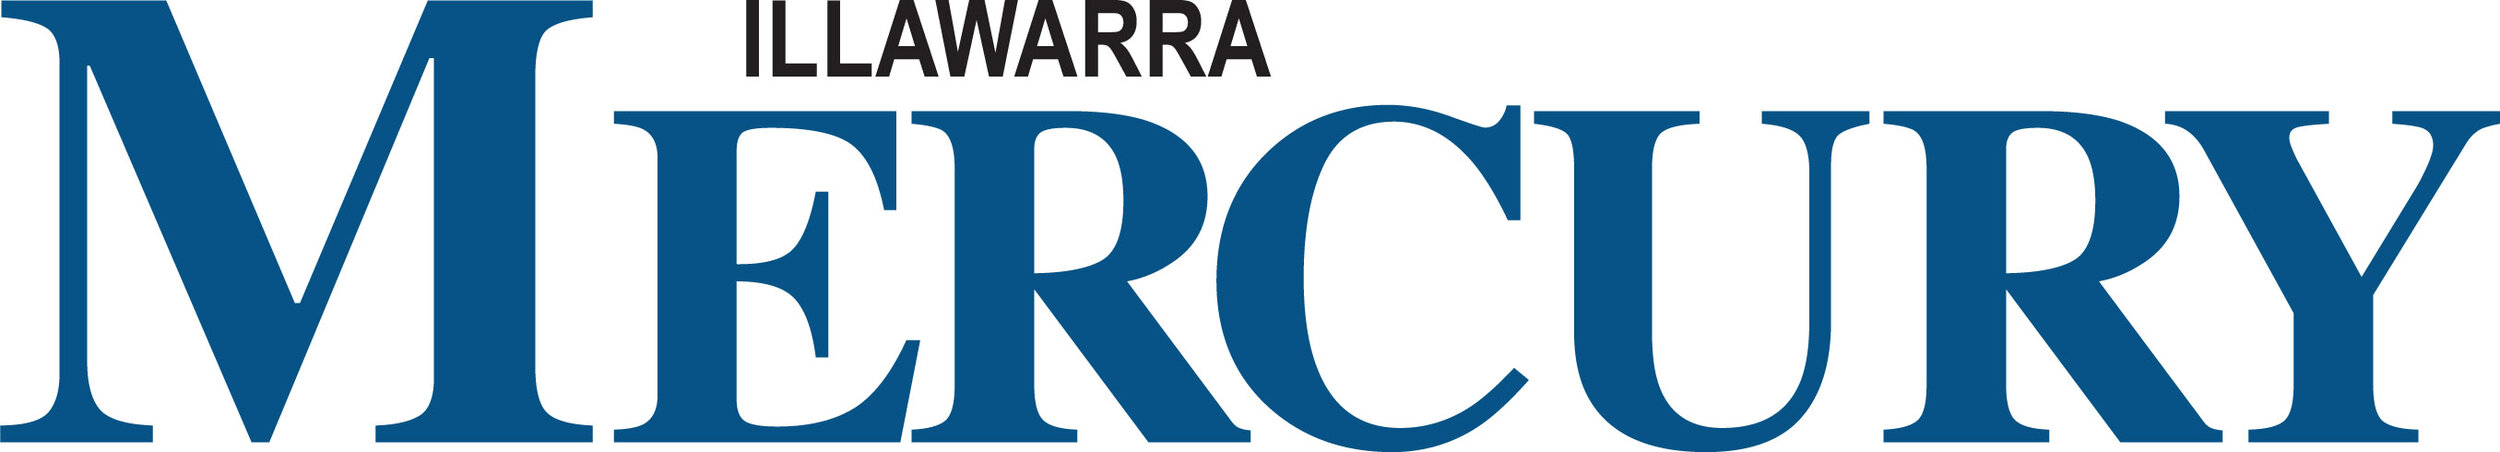 illawarra-mercury_logo_COLOUR (1) (12).jpg